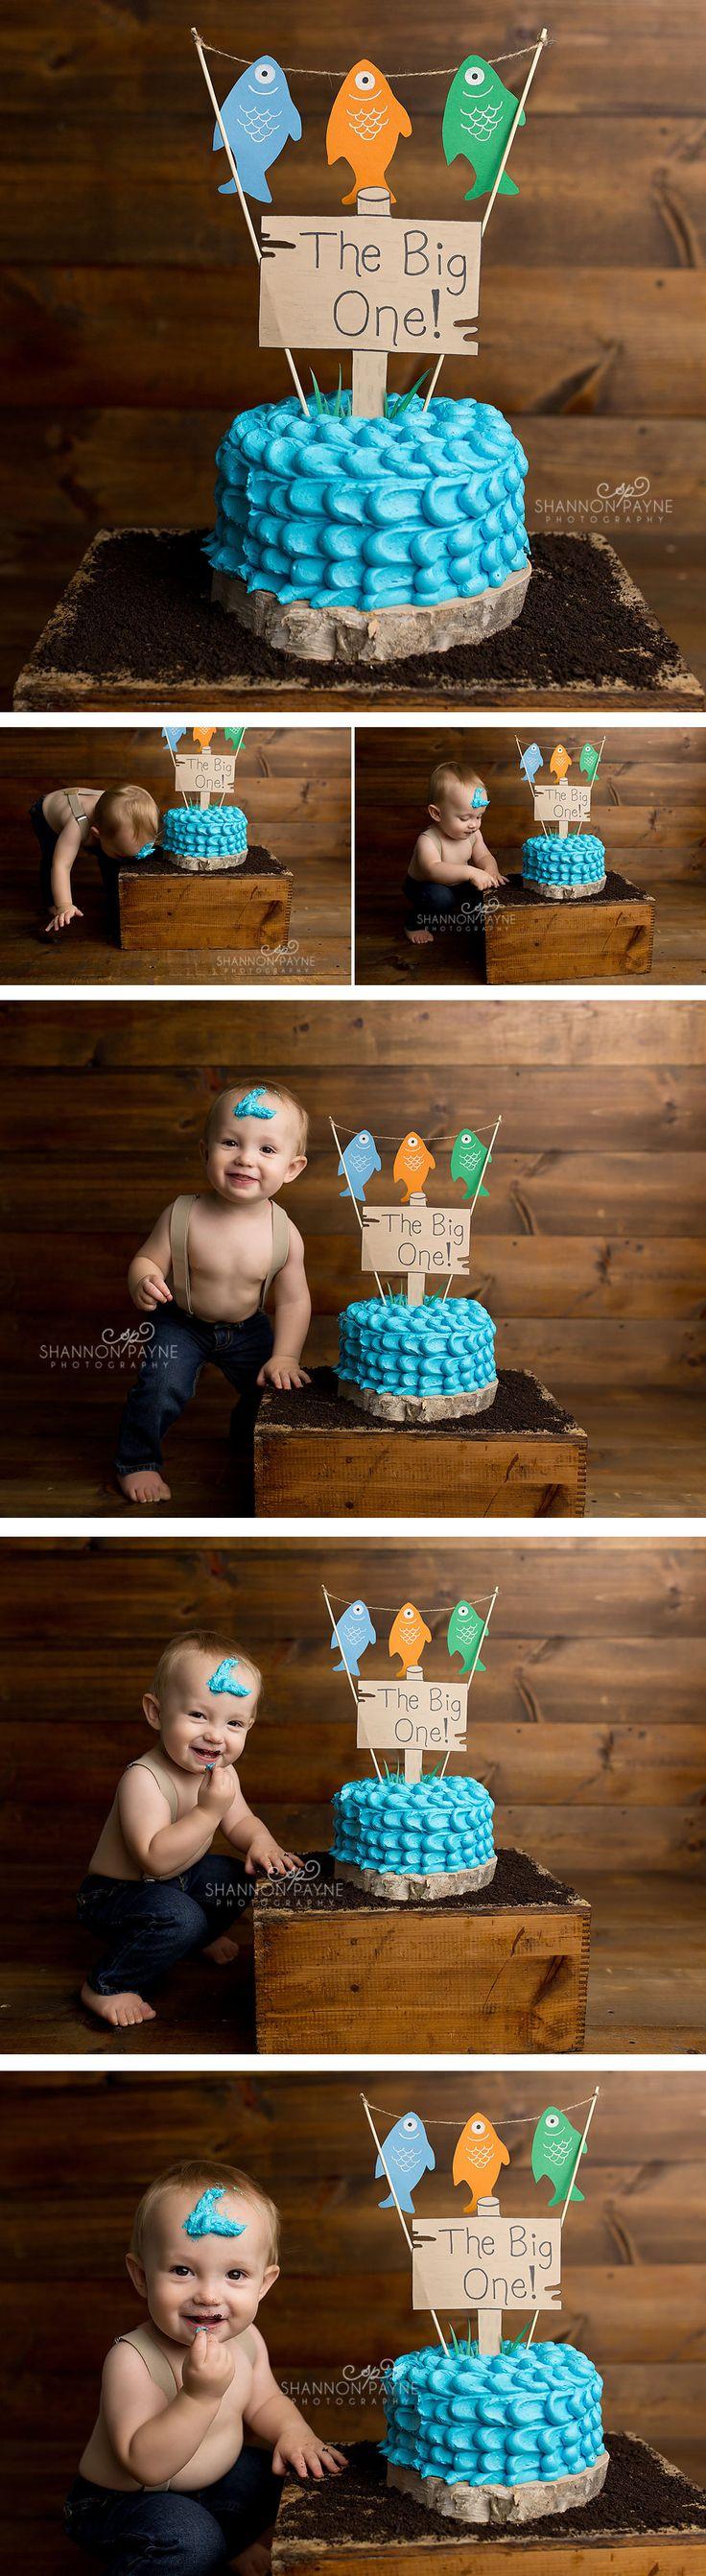 Nashville Cake Smash Photographer, boy cake smash, fish cake smash, the big one cake smash